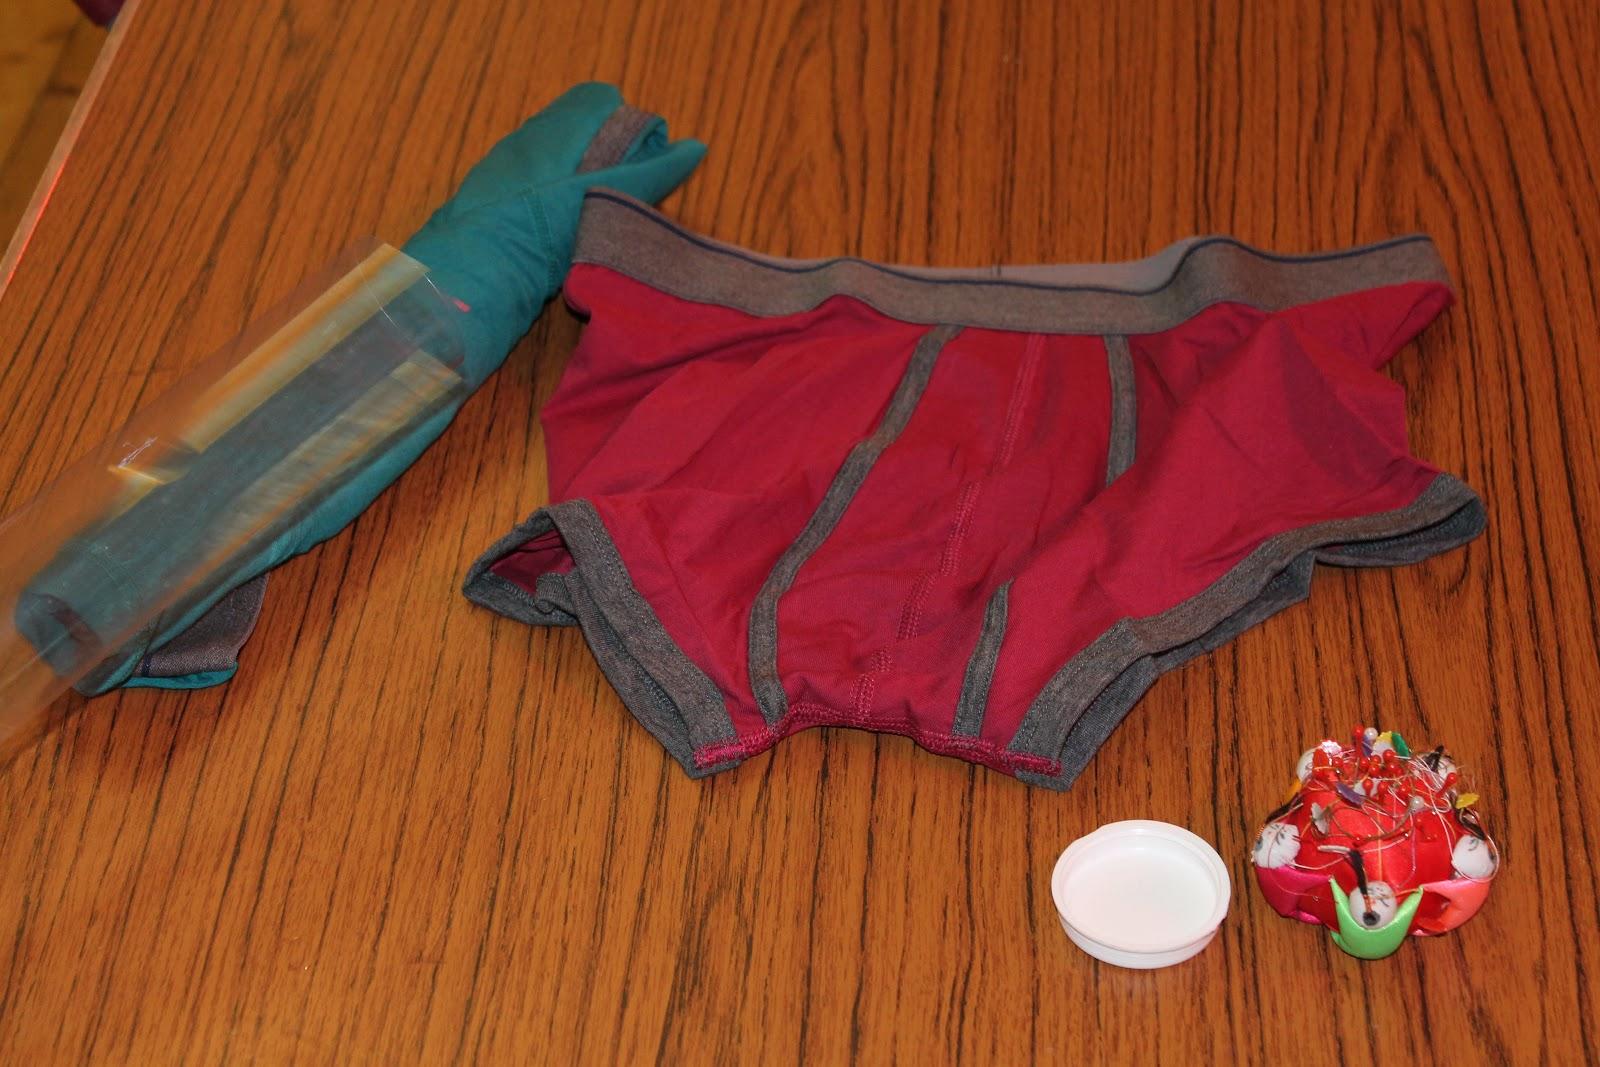 Knit Natter And Stitch New Bradwell : Knit, Natter & Stitch : Keep Calm and Keep Stitching!